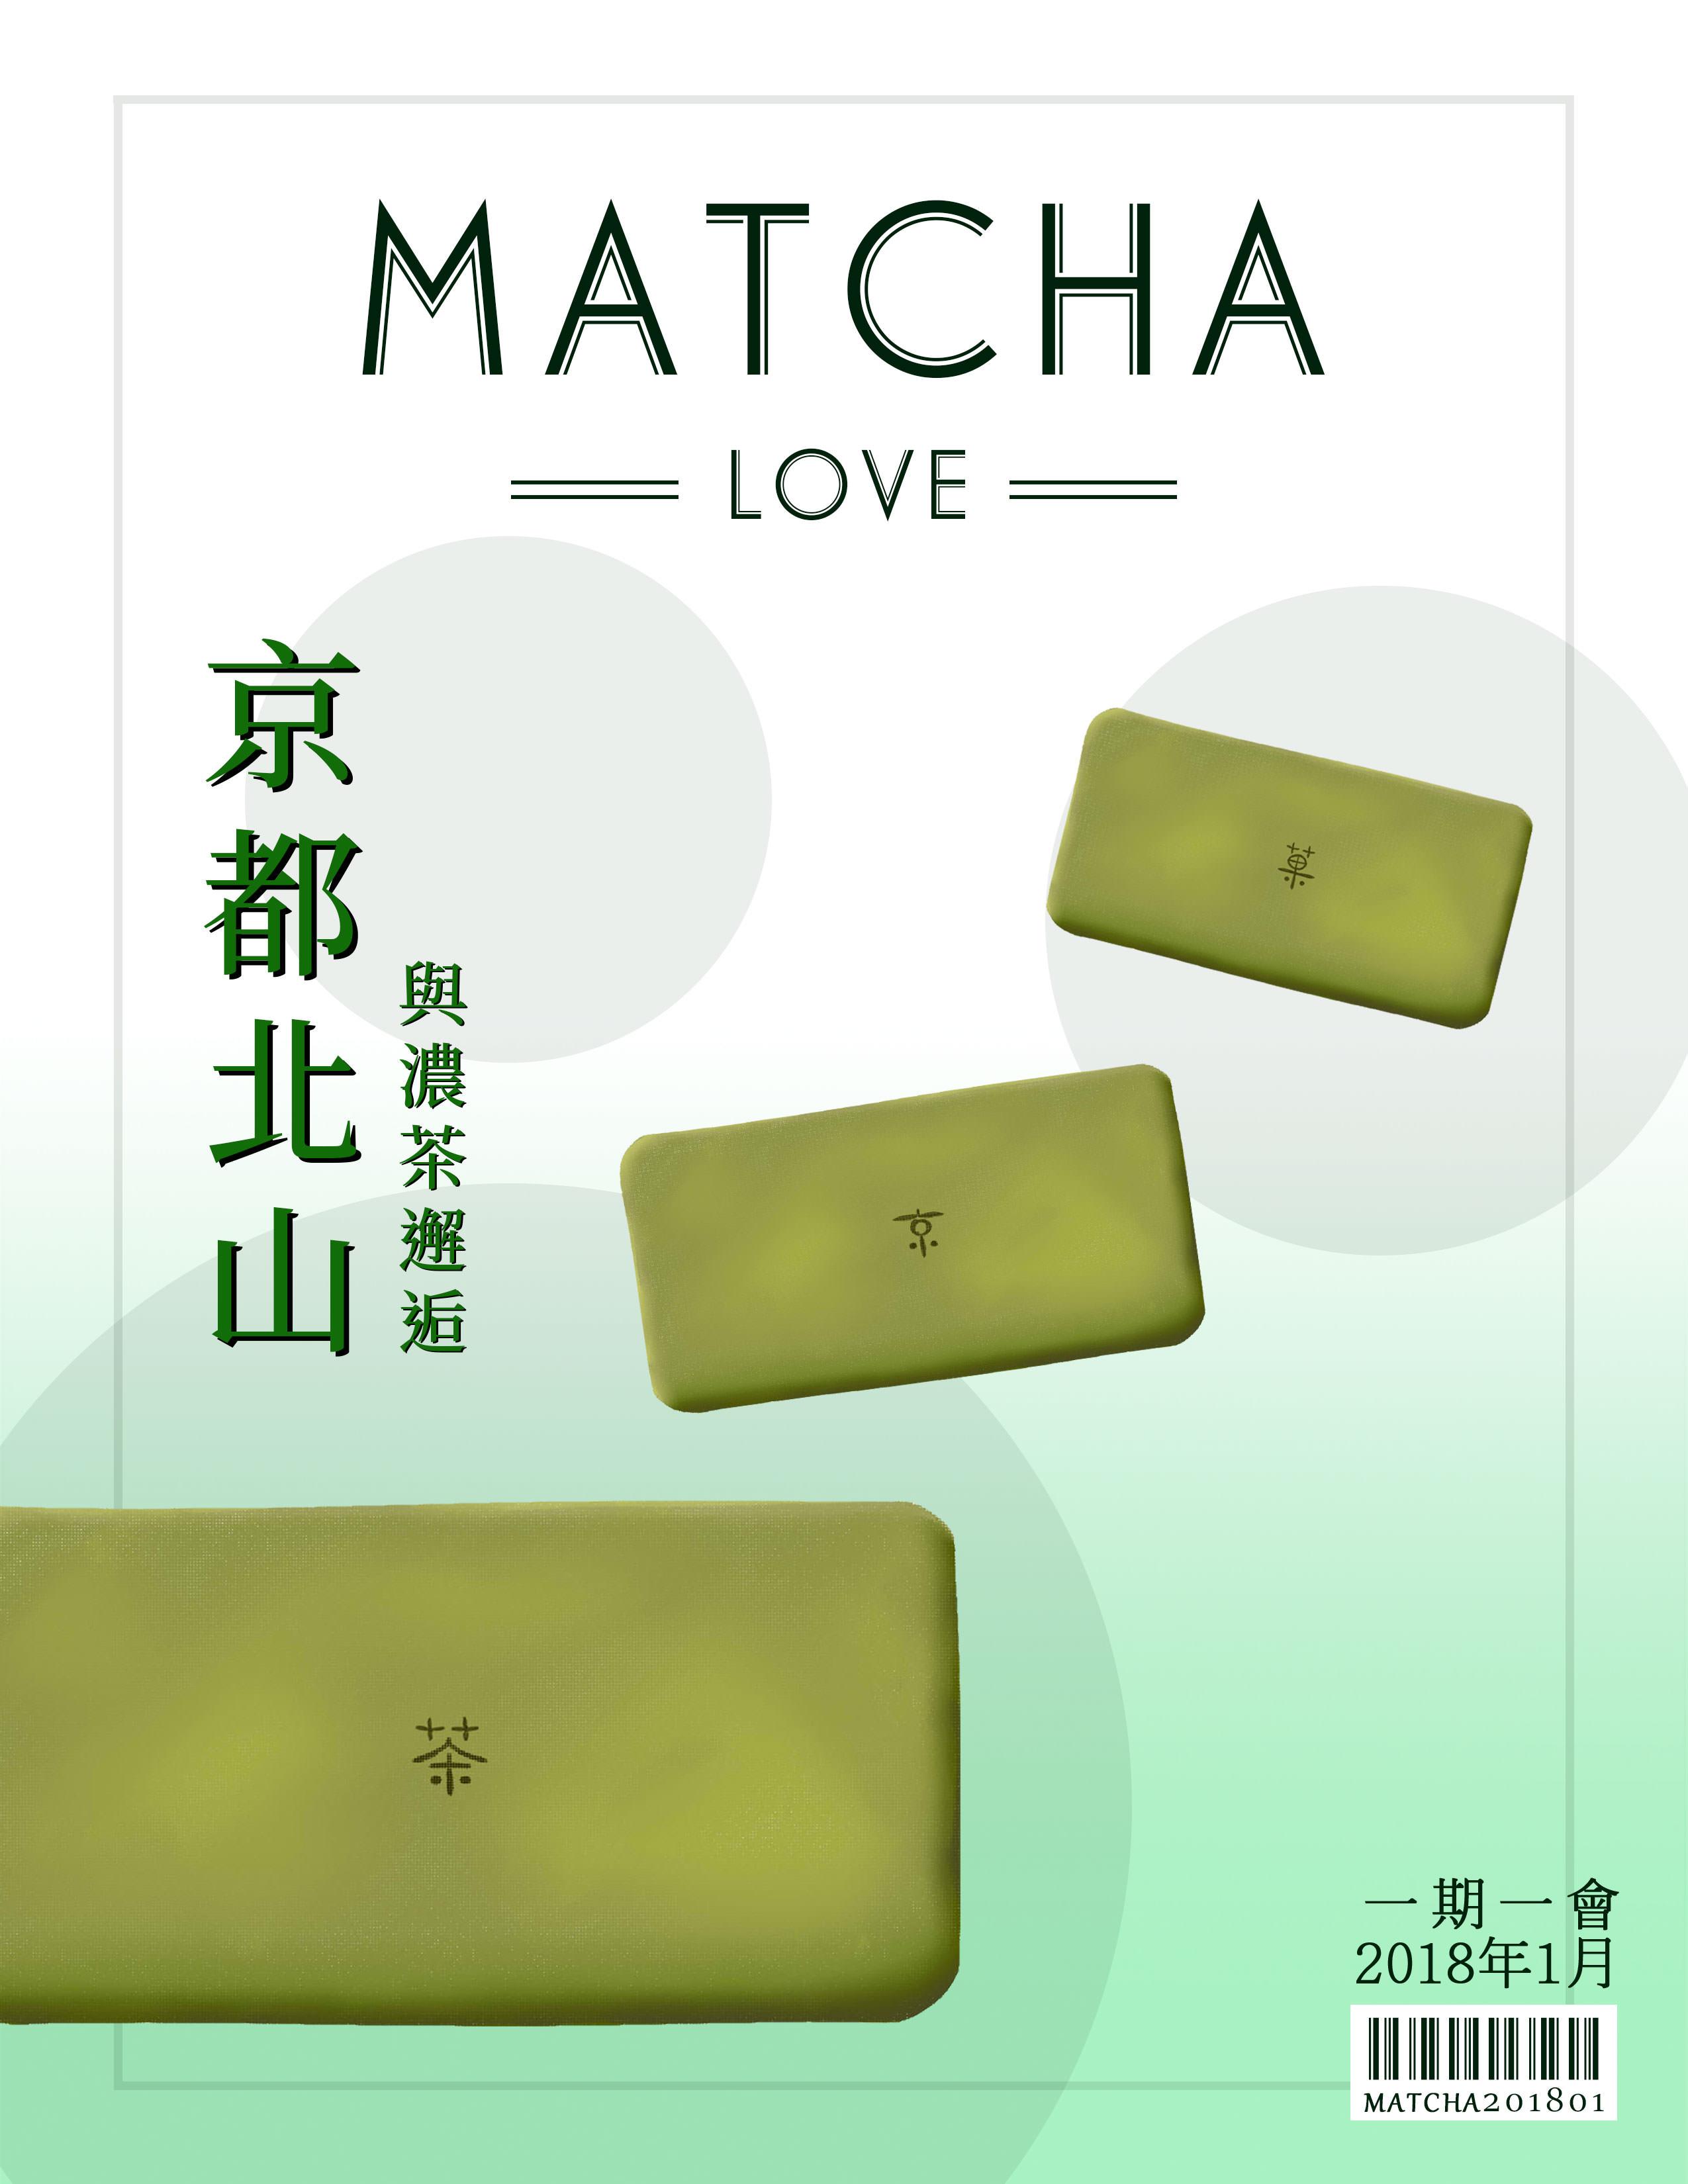 京都抹茶伴手禮》京都北山。 抹茶與白巧克力的經典呈現/抹茶專題01